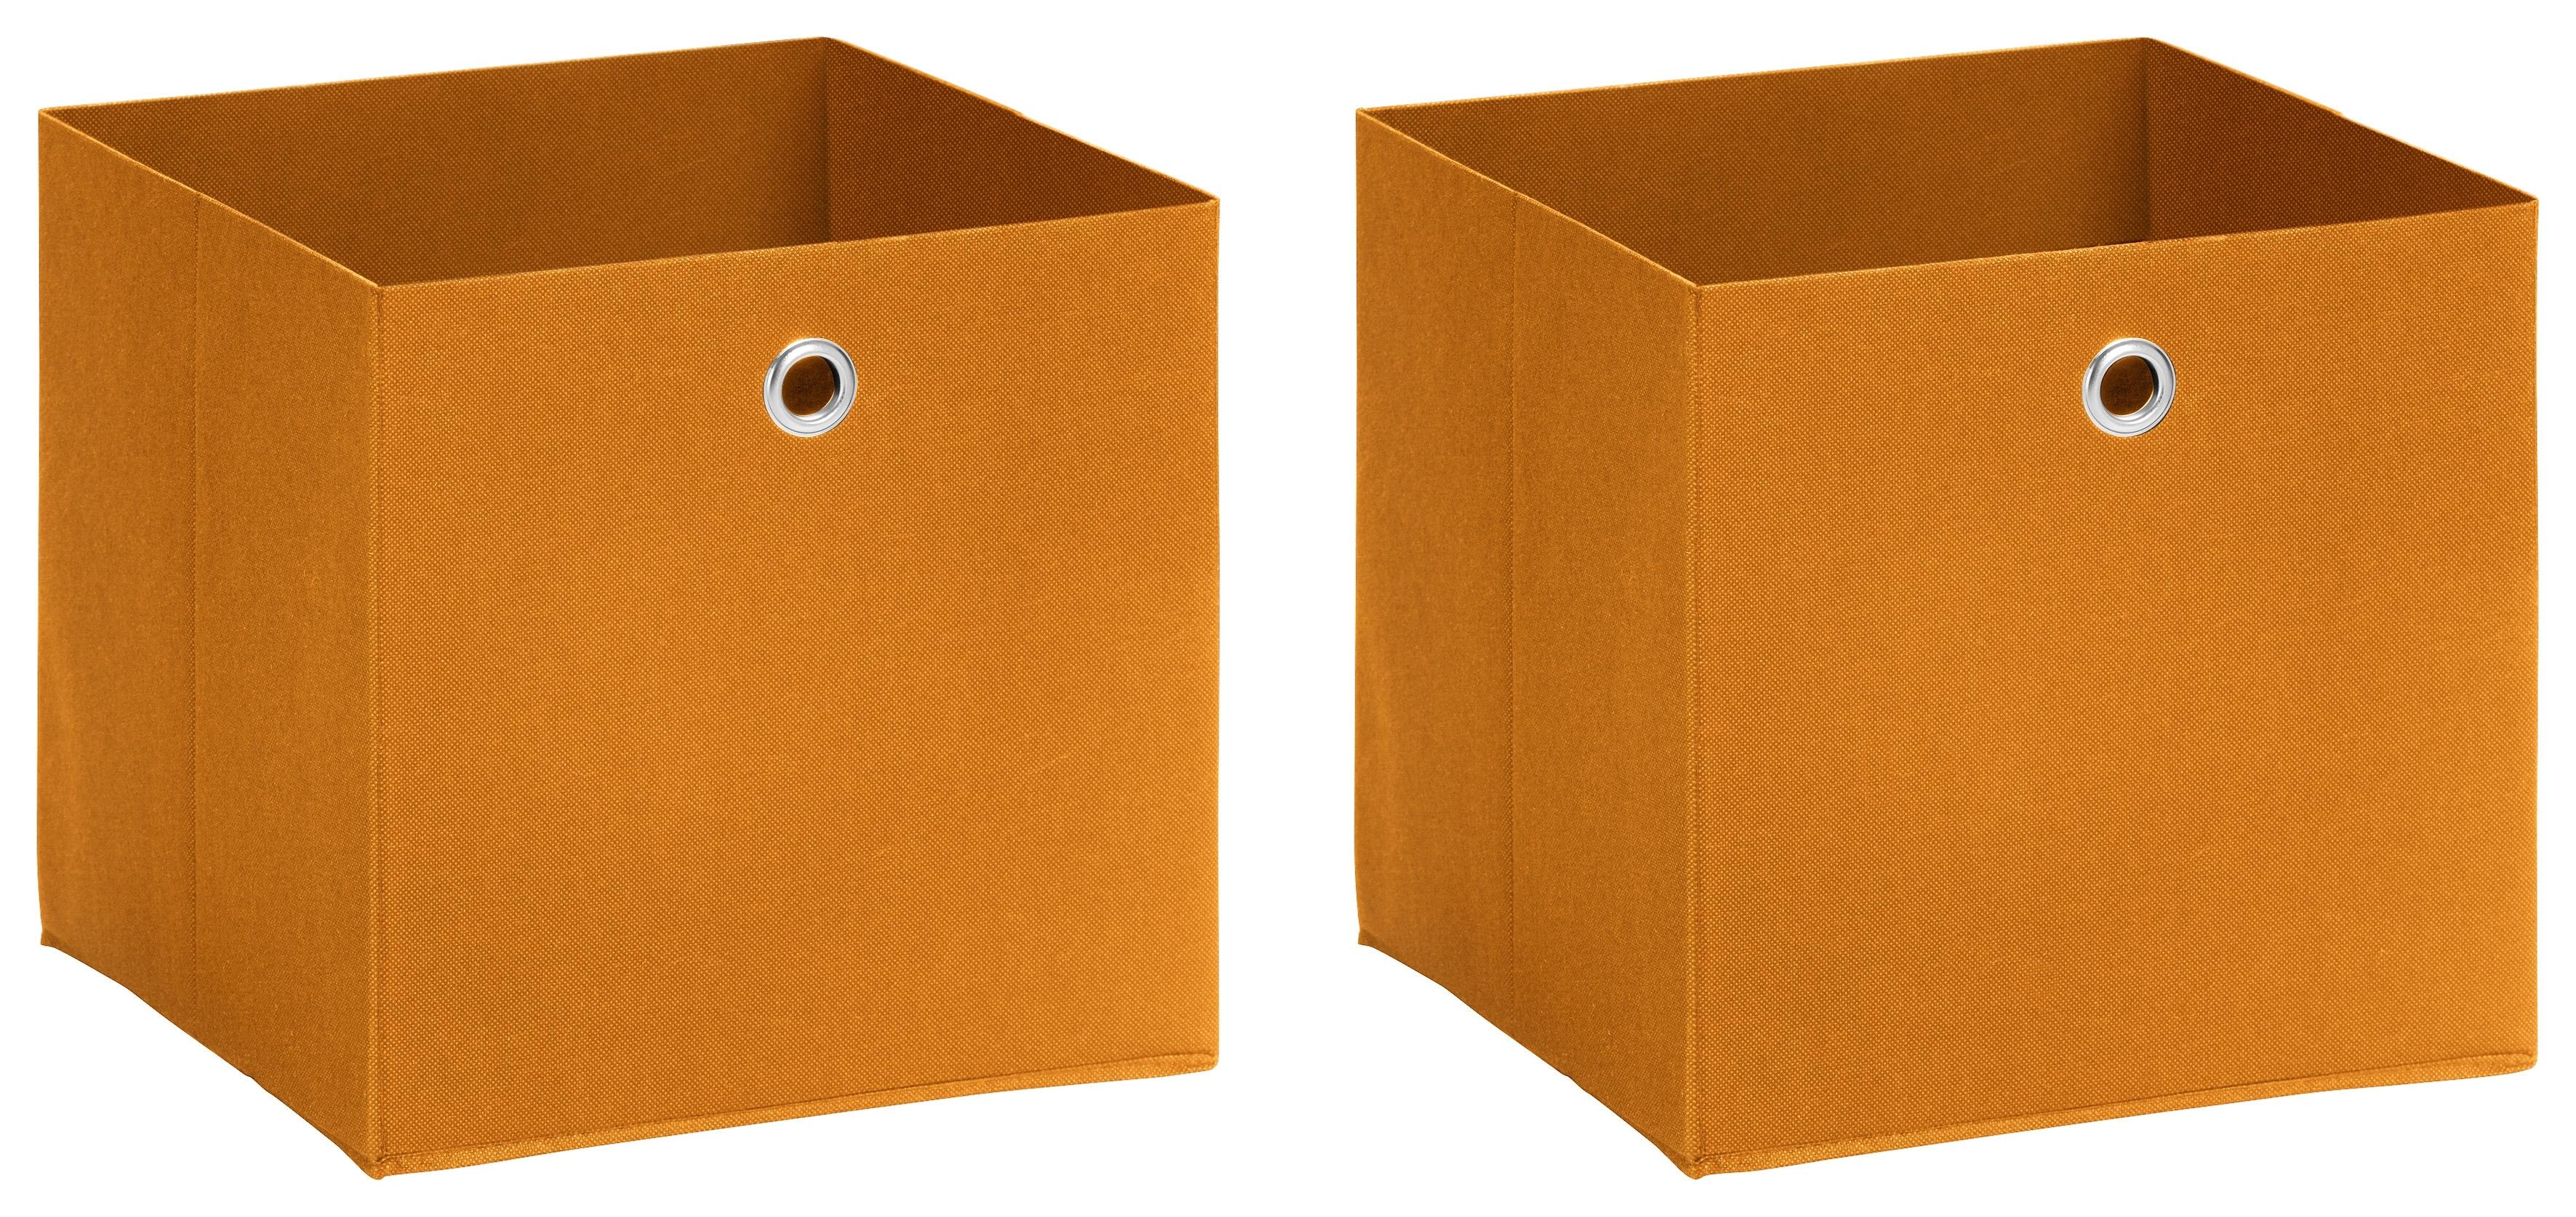 Op zoek naar een Schildmeyer Opvouwbare doos Box set van 2? Koop online bij OTTO